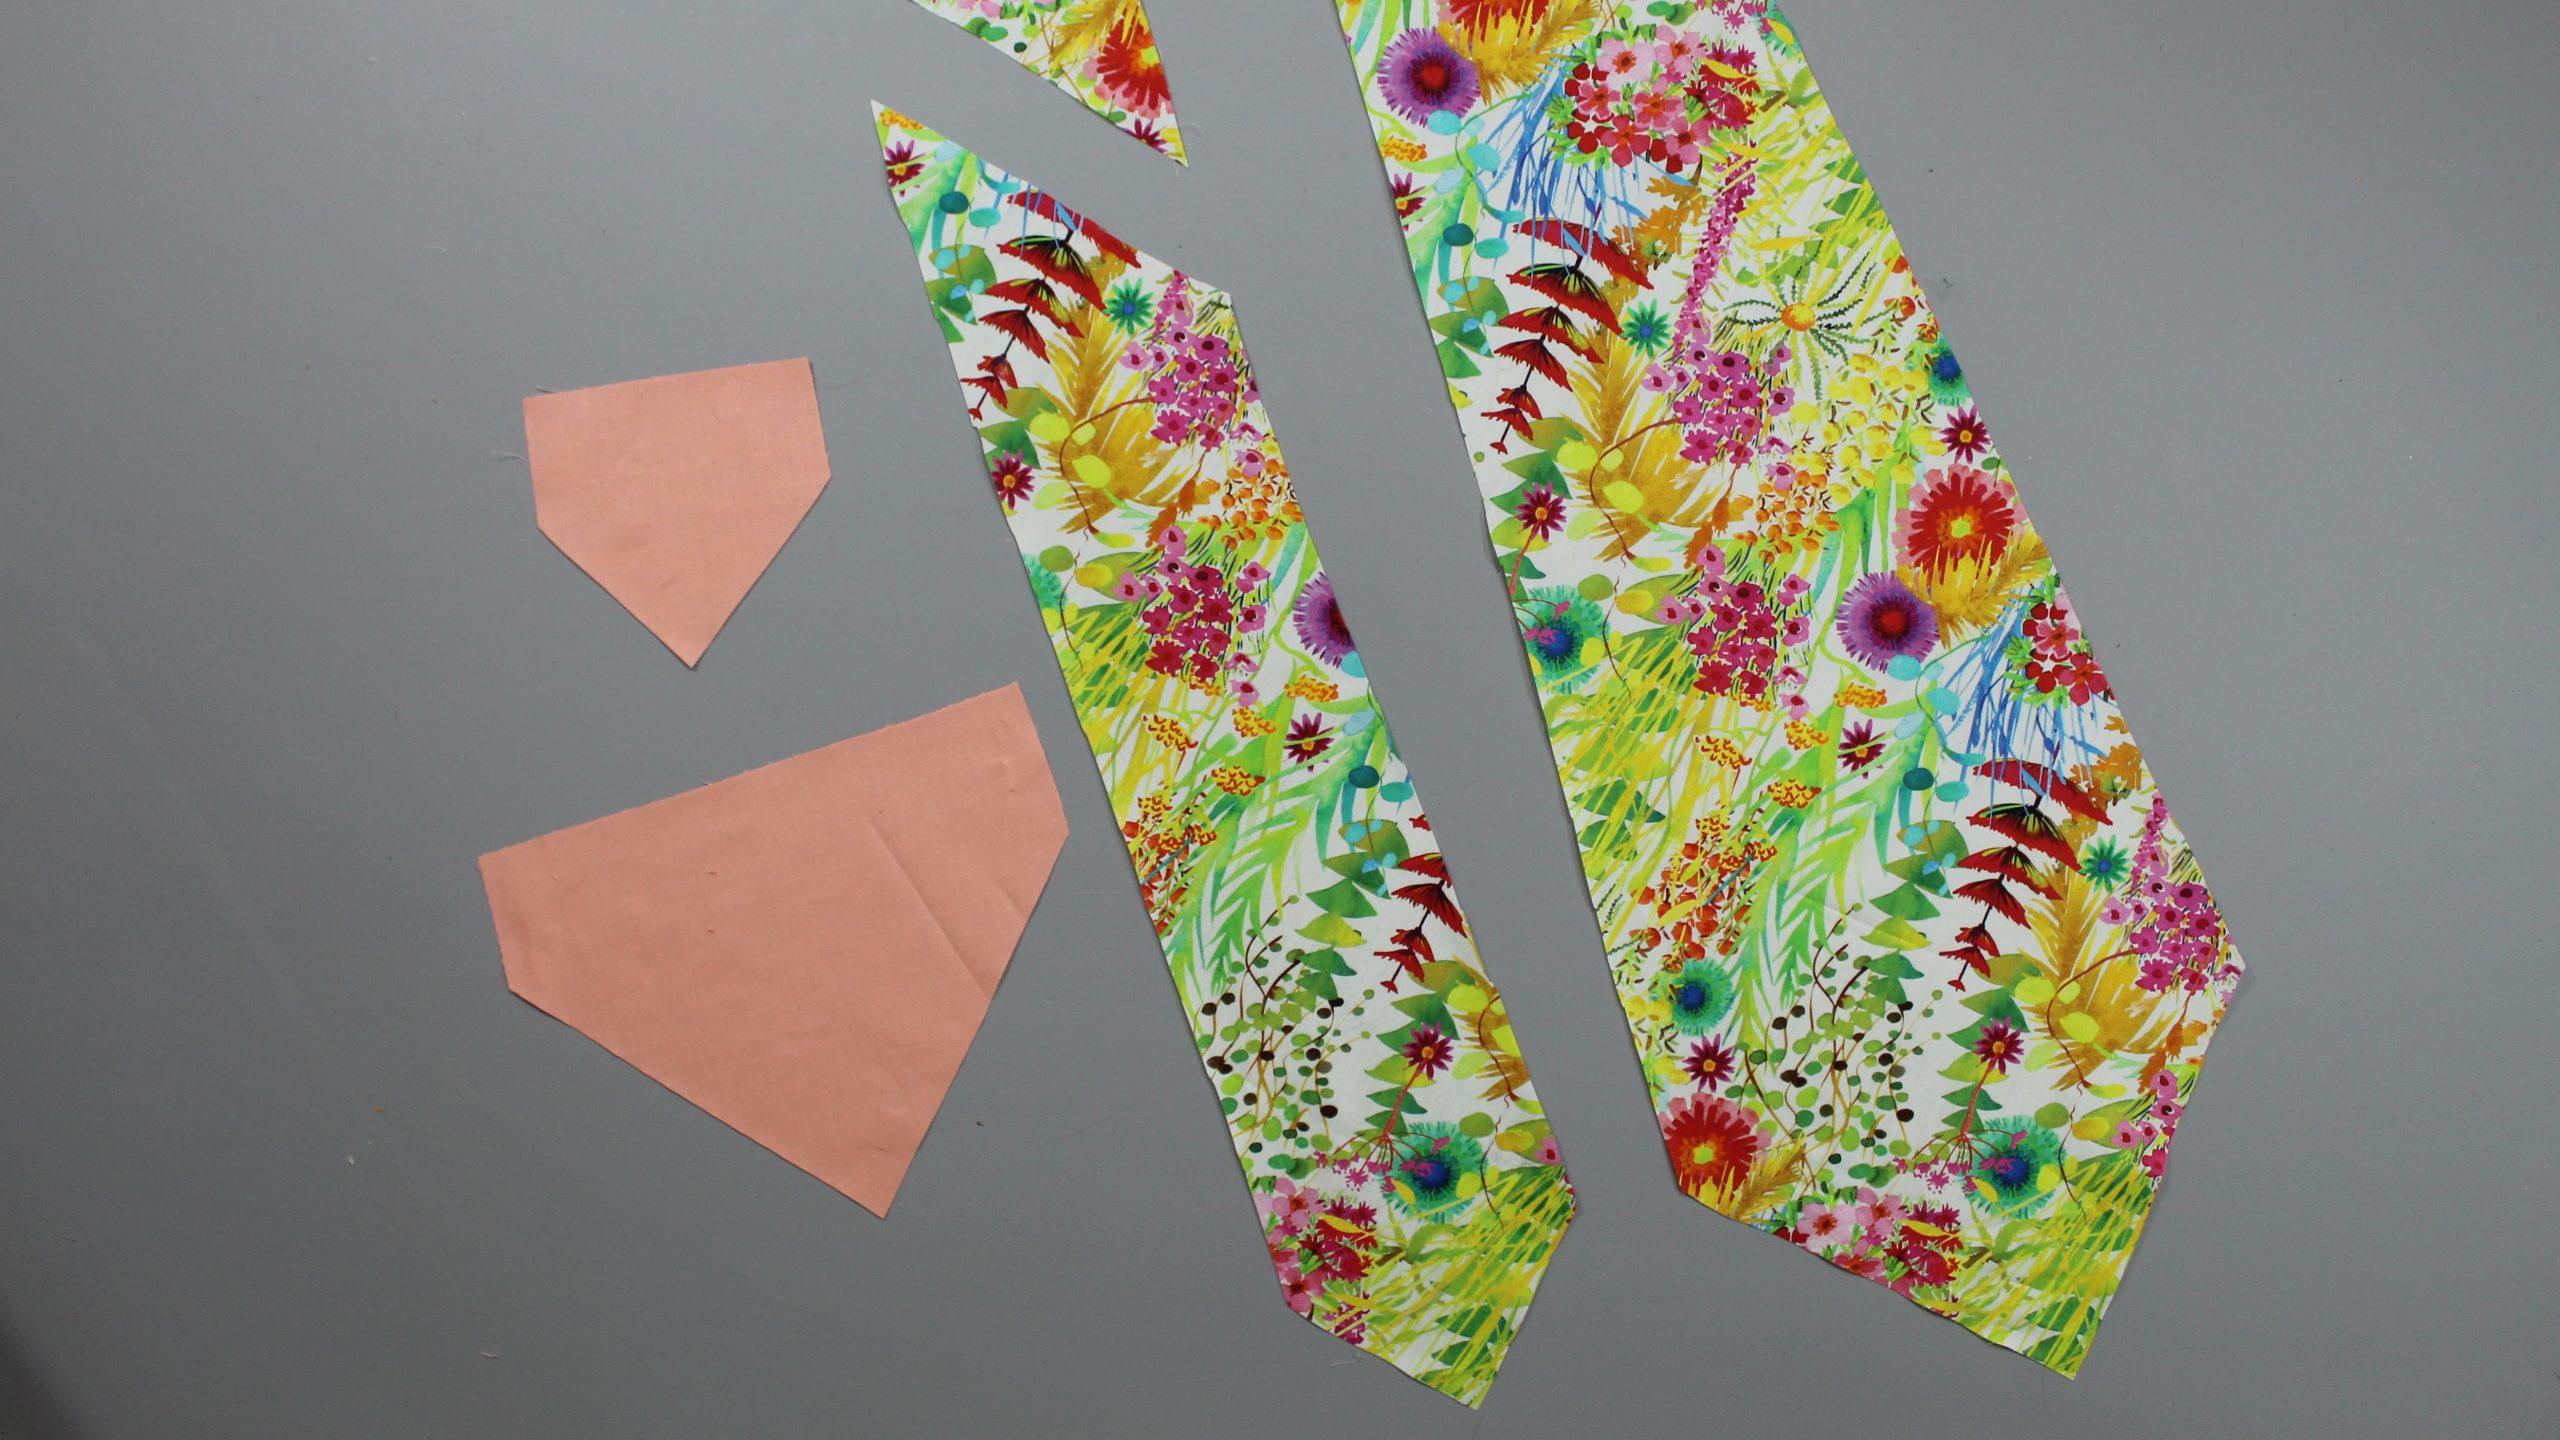 Tie fabric pieces